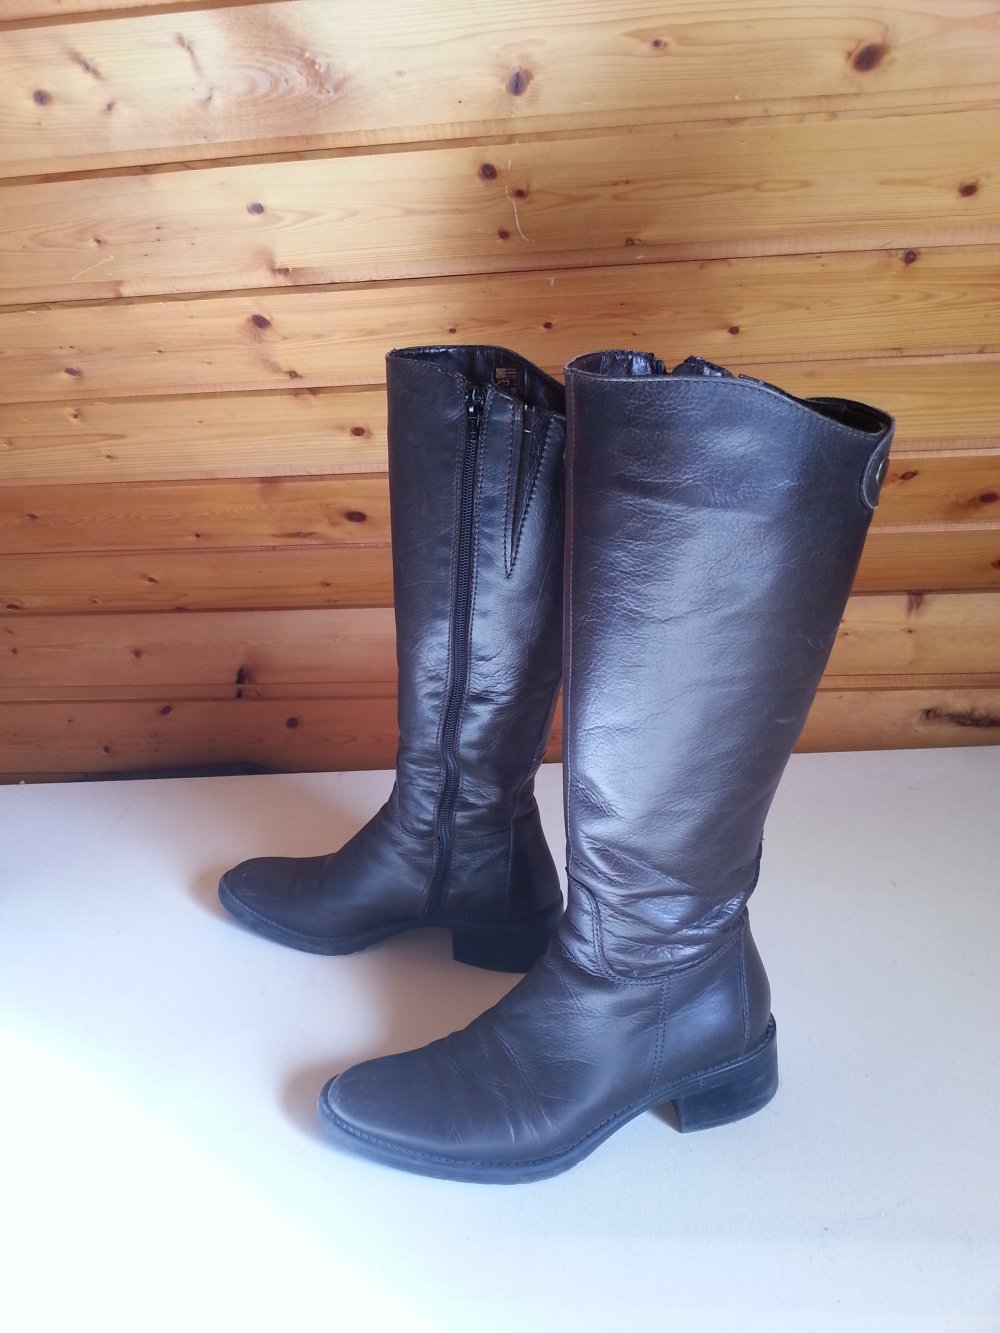 Stiefel Schuhe Leder Deichmann rotbraun braun dunkelbraun Herbst Winter Damenstiefel glänzend